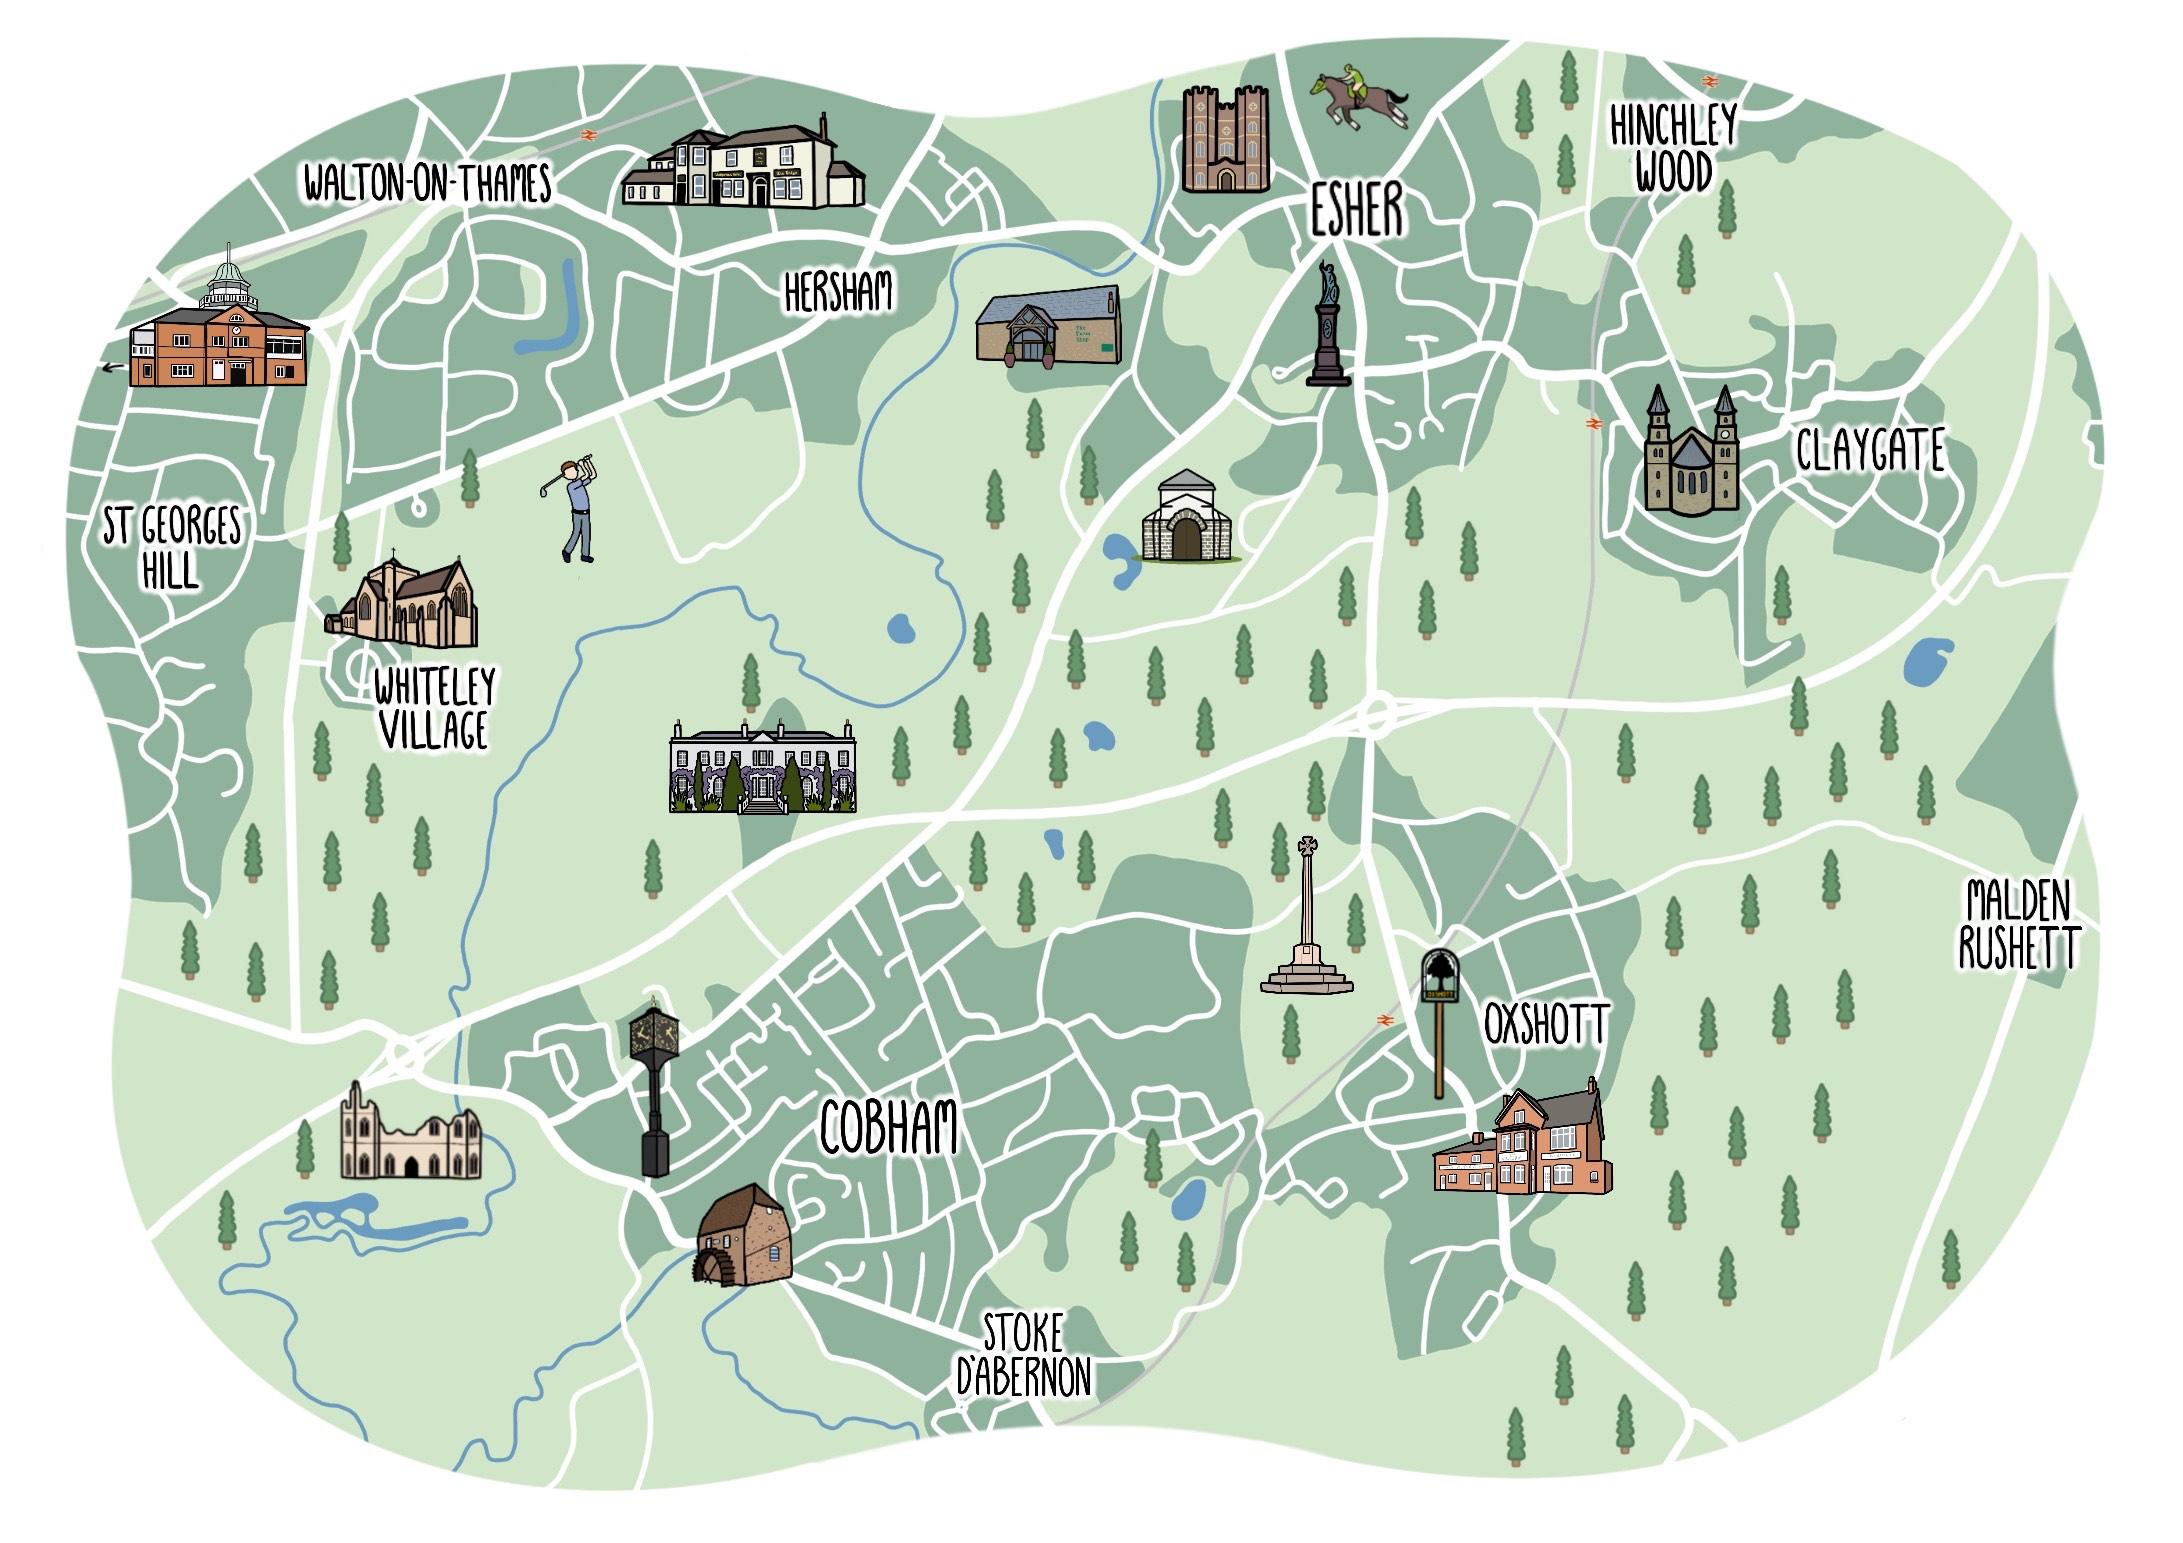 Esher & Cobham map